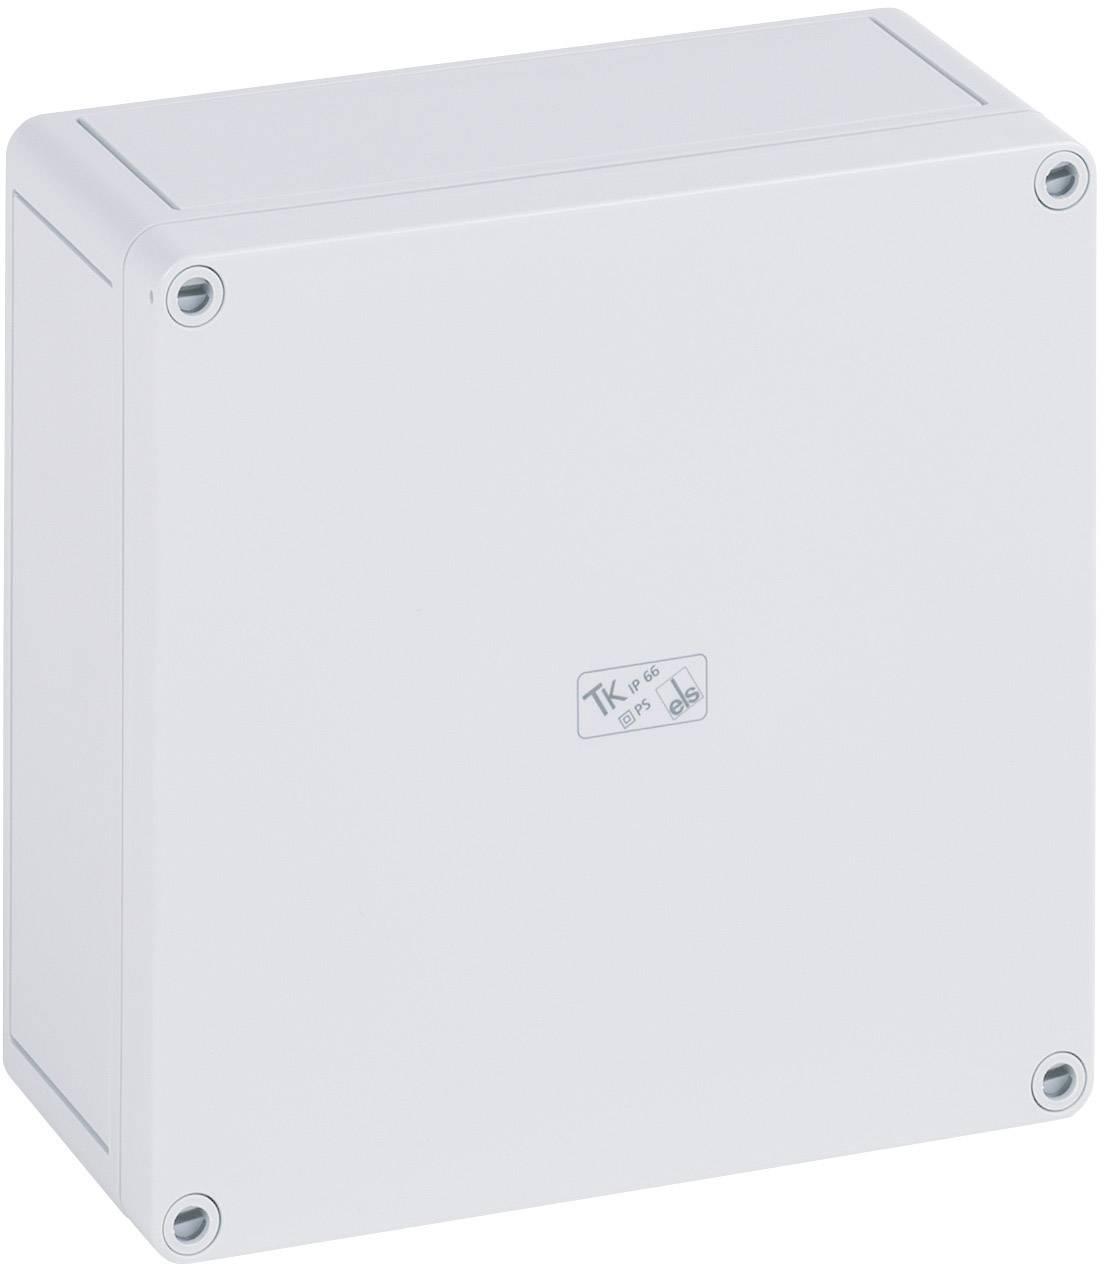 Instalační krabička Spelsberg TK PS 2518-8f, (d x š x v) 254 x 180 x 84 mm, polystyren, šedá, 1 ks